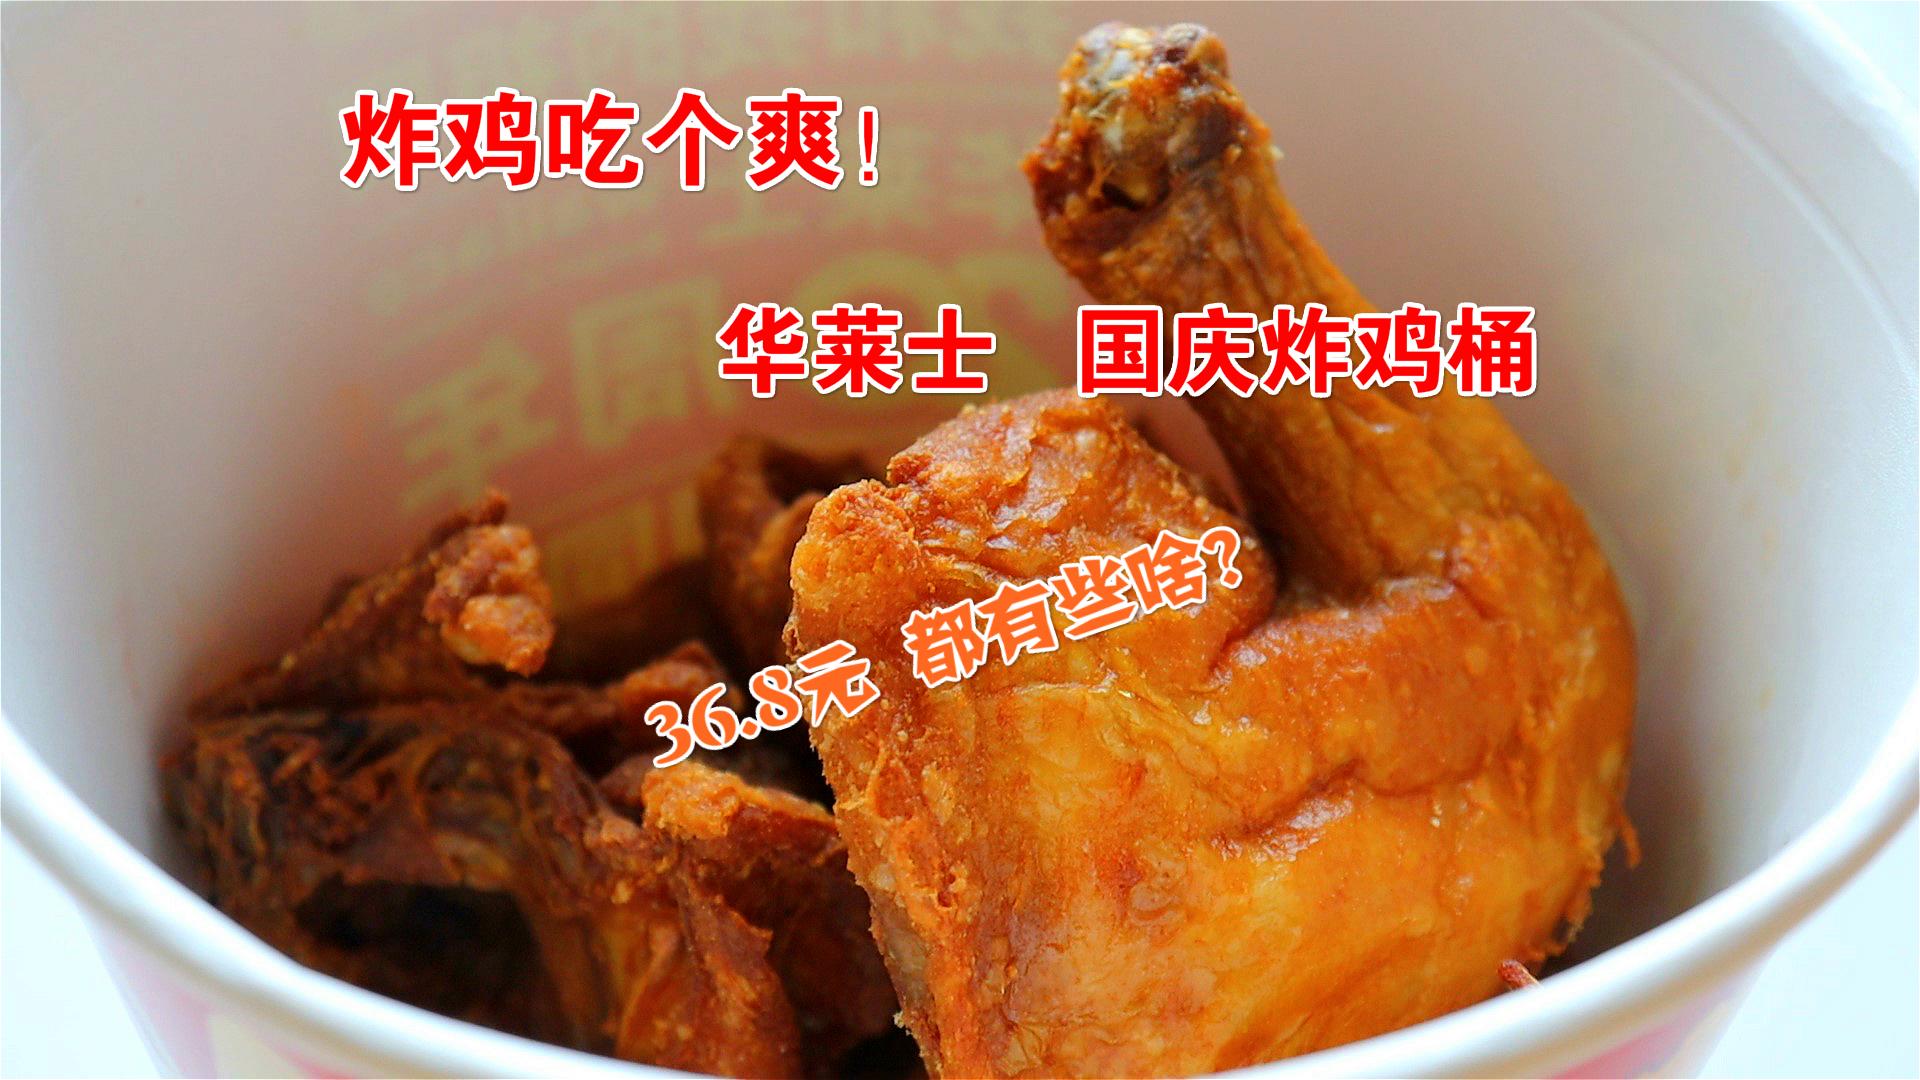 炸鸡吃个爽!华莱士新出的国庆炸鸡桶,36.8元都有些啥?